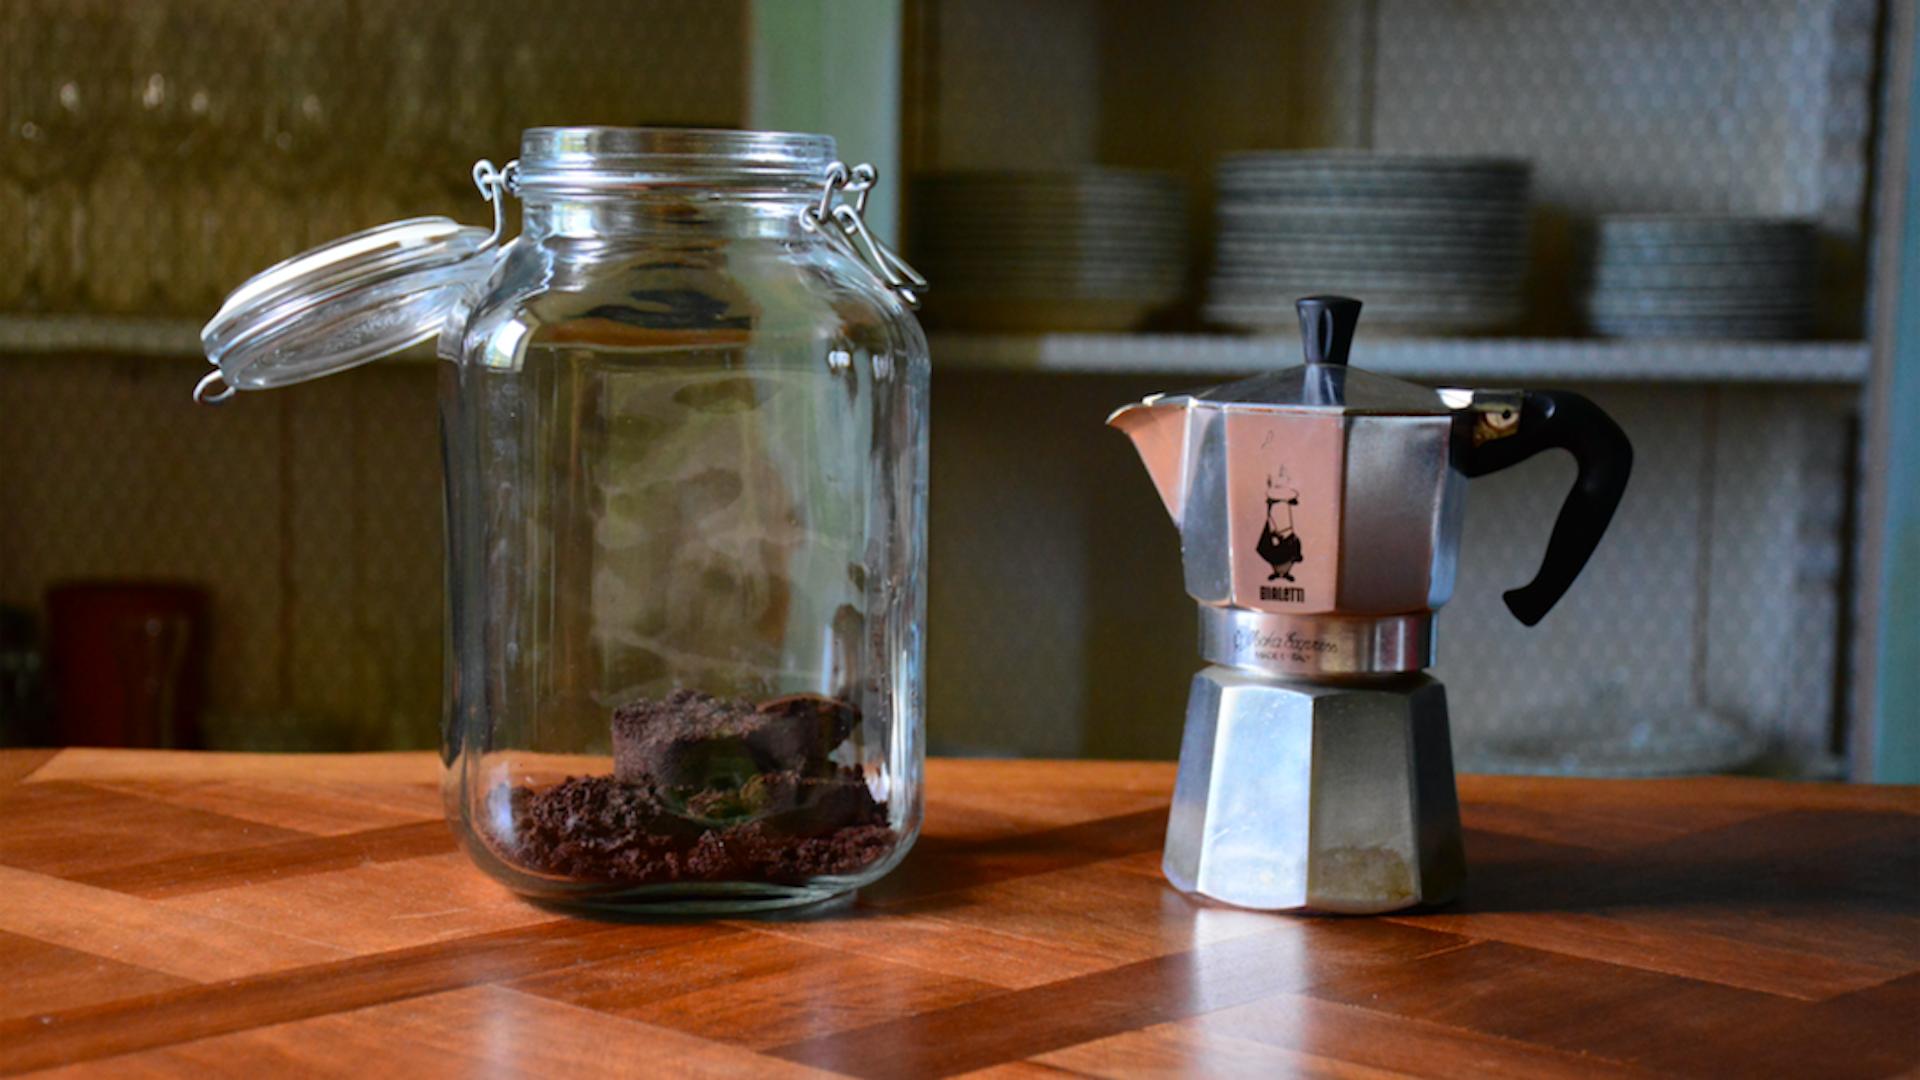 Come utilizzare i fondi di caffè - Riciblog